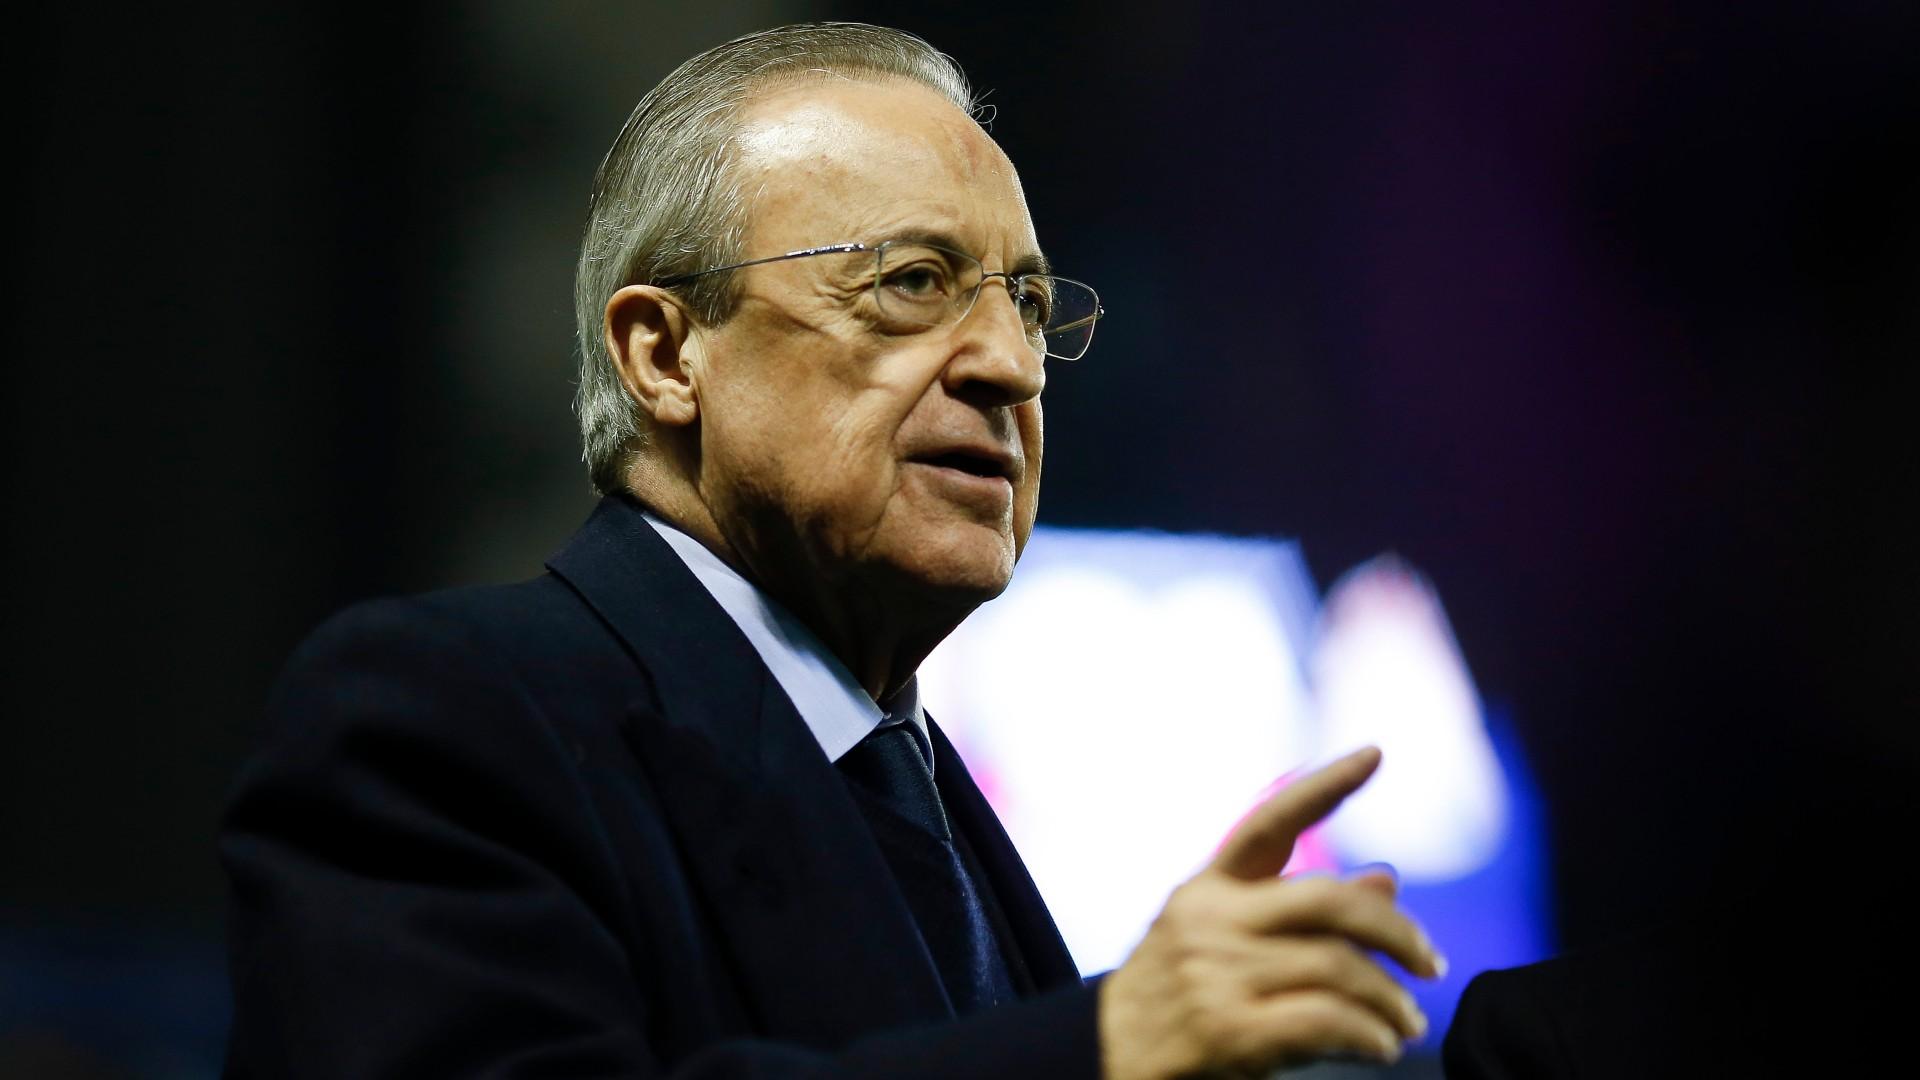 Perez menambahkan bahan bakar ke api dengan pengumuman bahwa Liga Super lahir untuk menyelamatkan sepak bola.  Foto: AFP